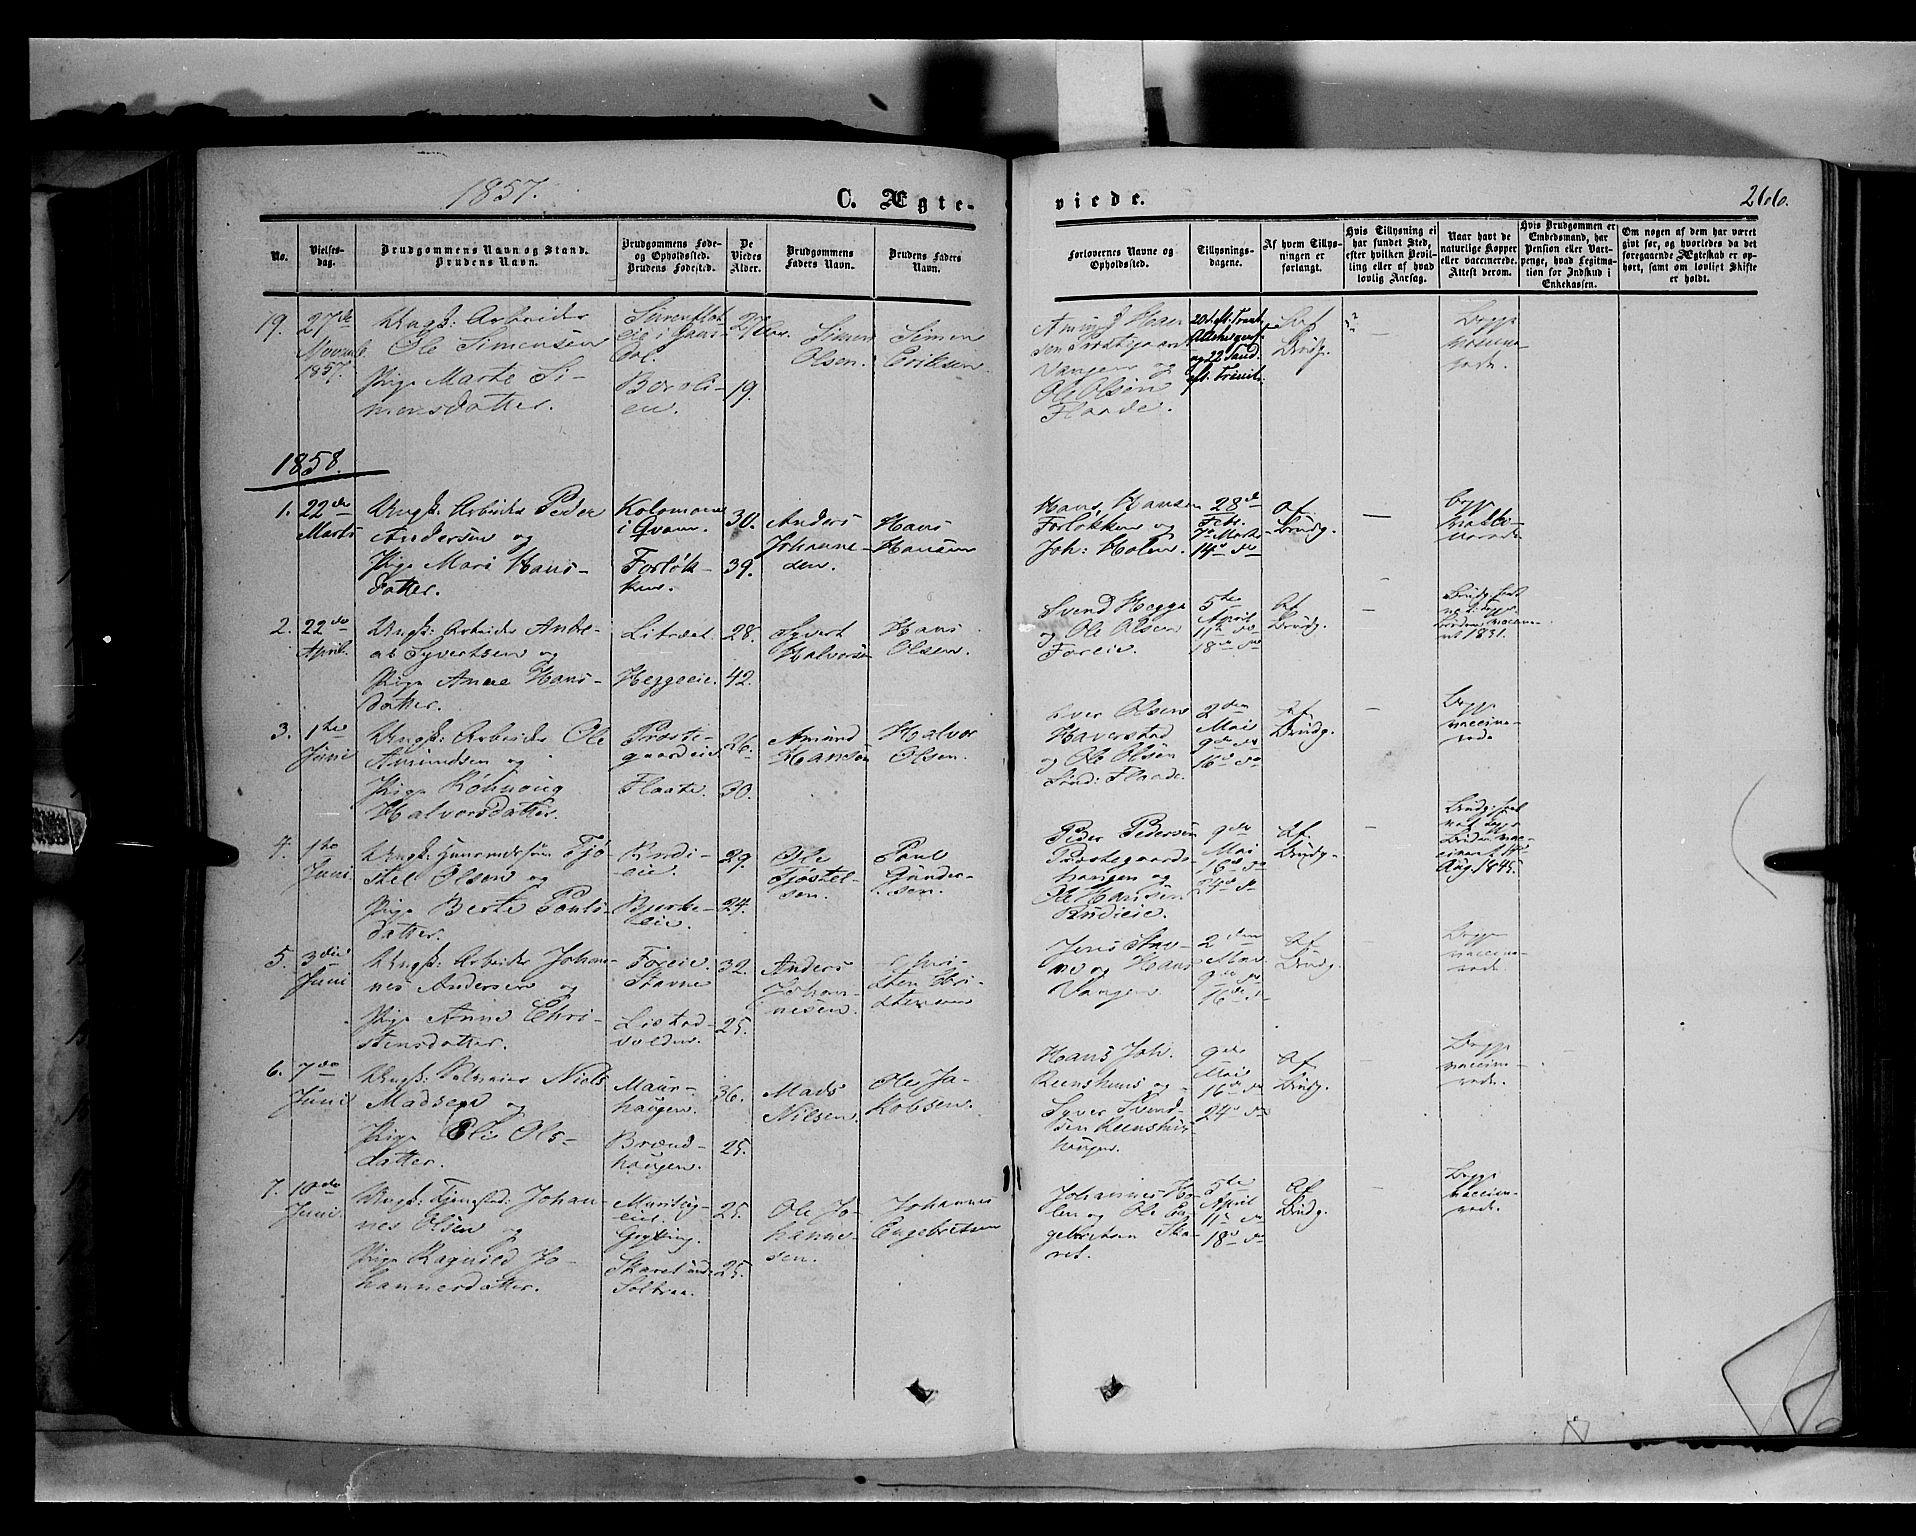 SAH, Sør-Fron prestekontor, H/Ha/Haa/L0001: Ministerialbok nr. 1, 1849-1863, s. 266